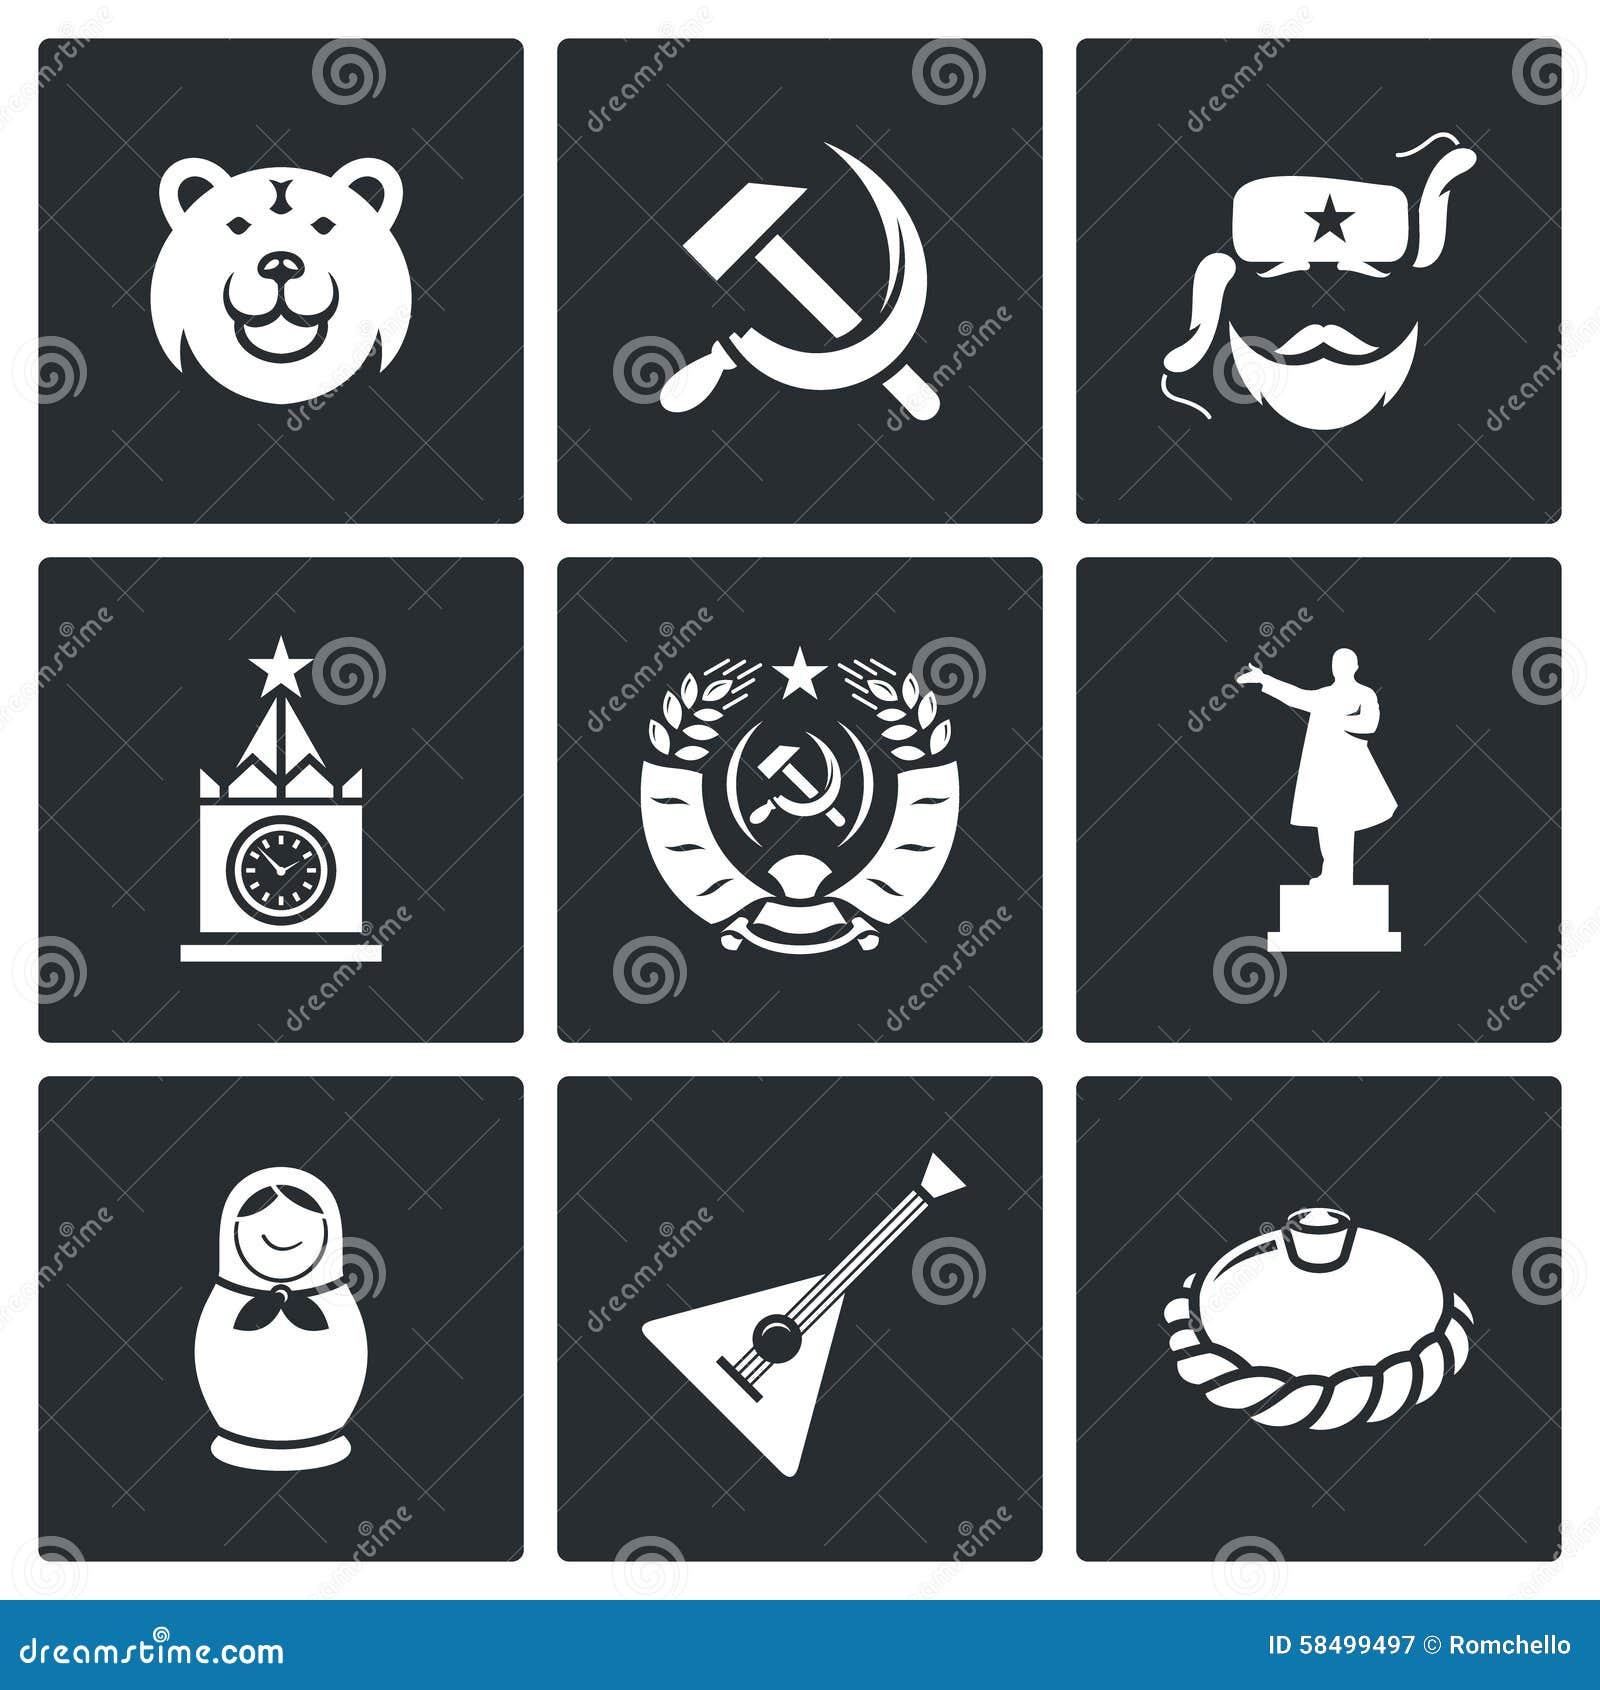 Вице-президент ПА НАТО Юкнявичене предлагает маркировать российские телеканалы в Европе, - нардеп Фриз - Цензор.НЕТ 13